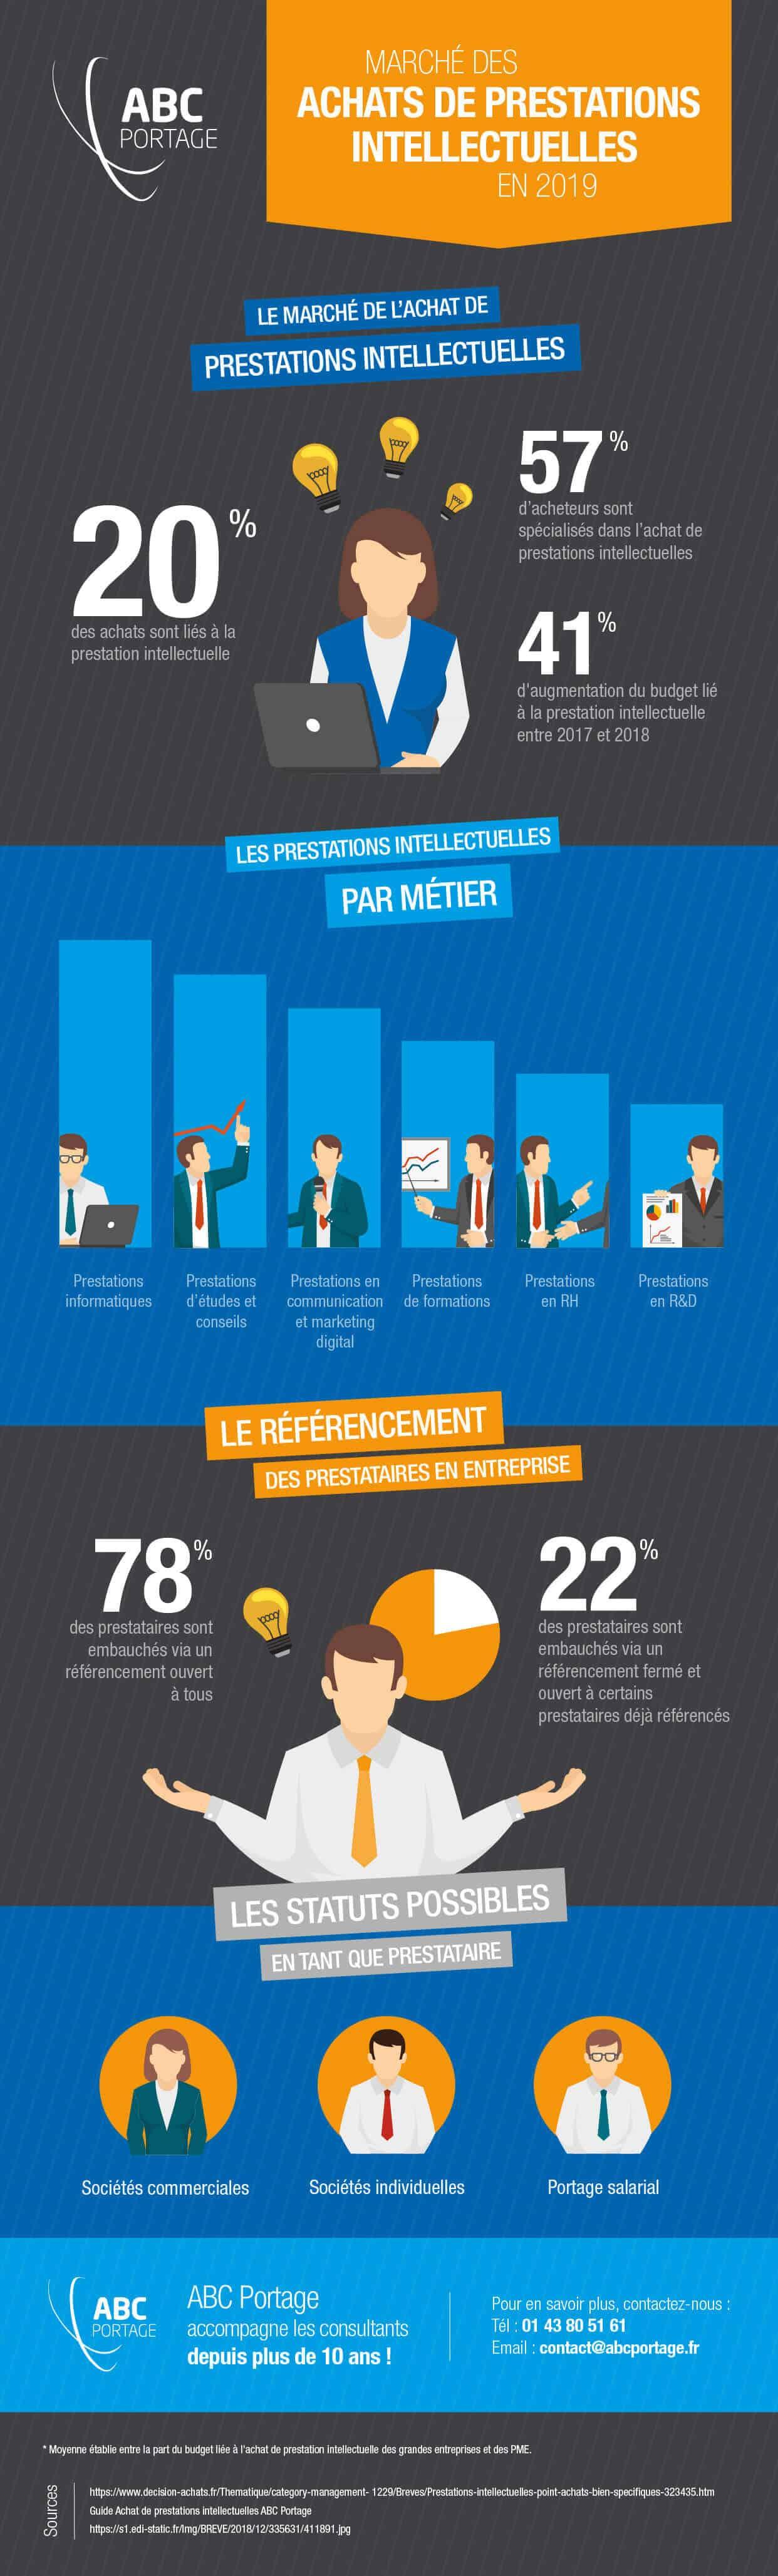 Infographie-ABC-Marché-de-la-PI-2019 Final